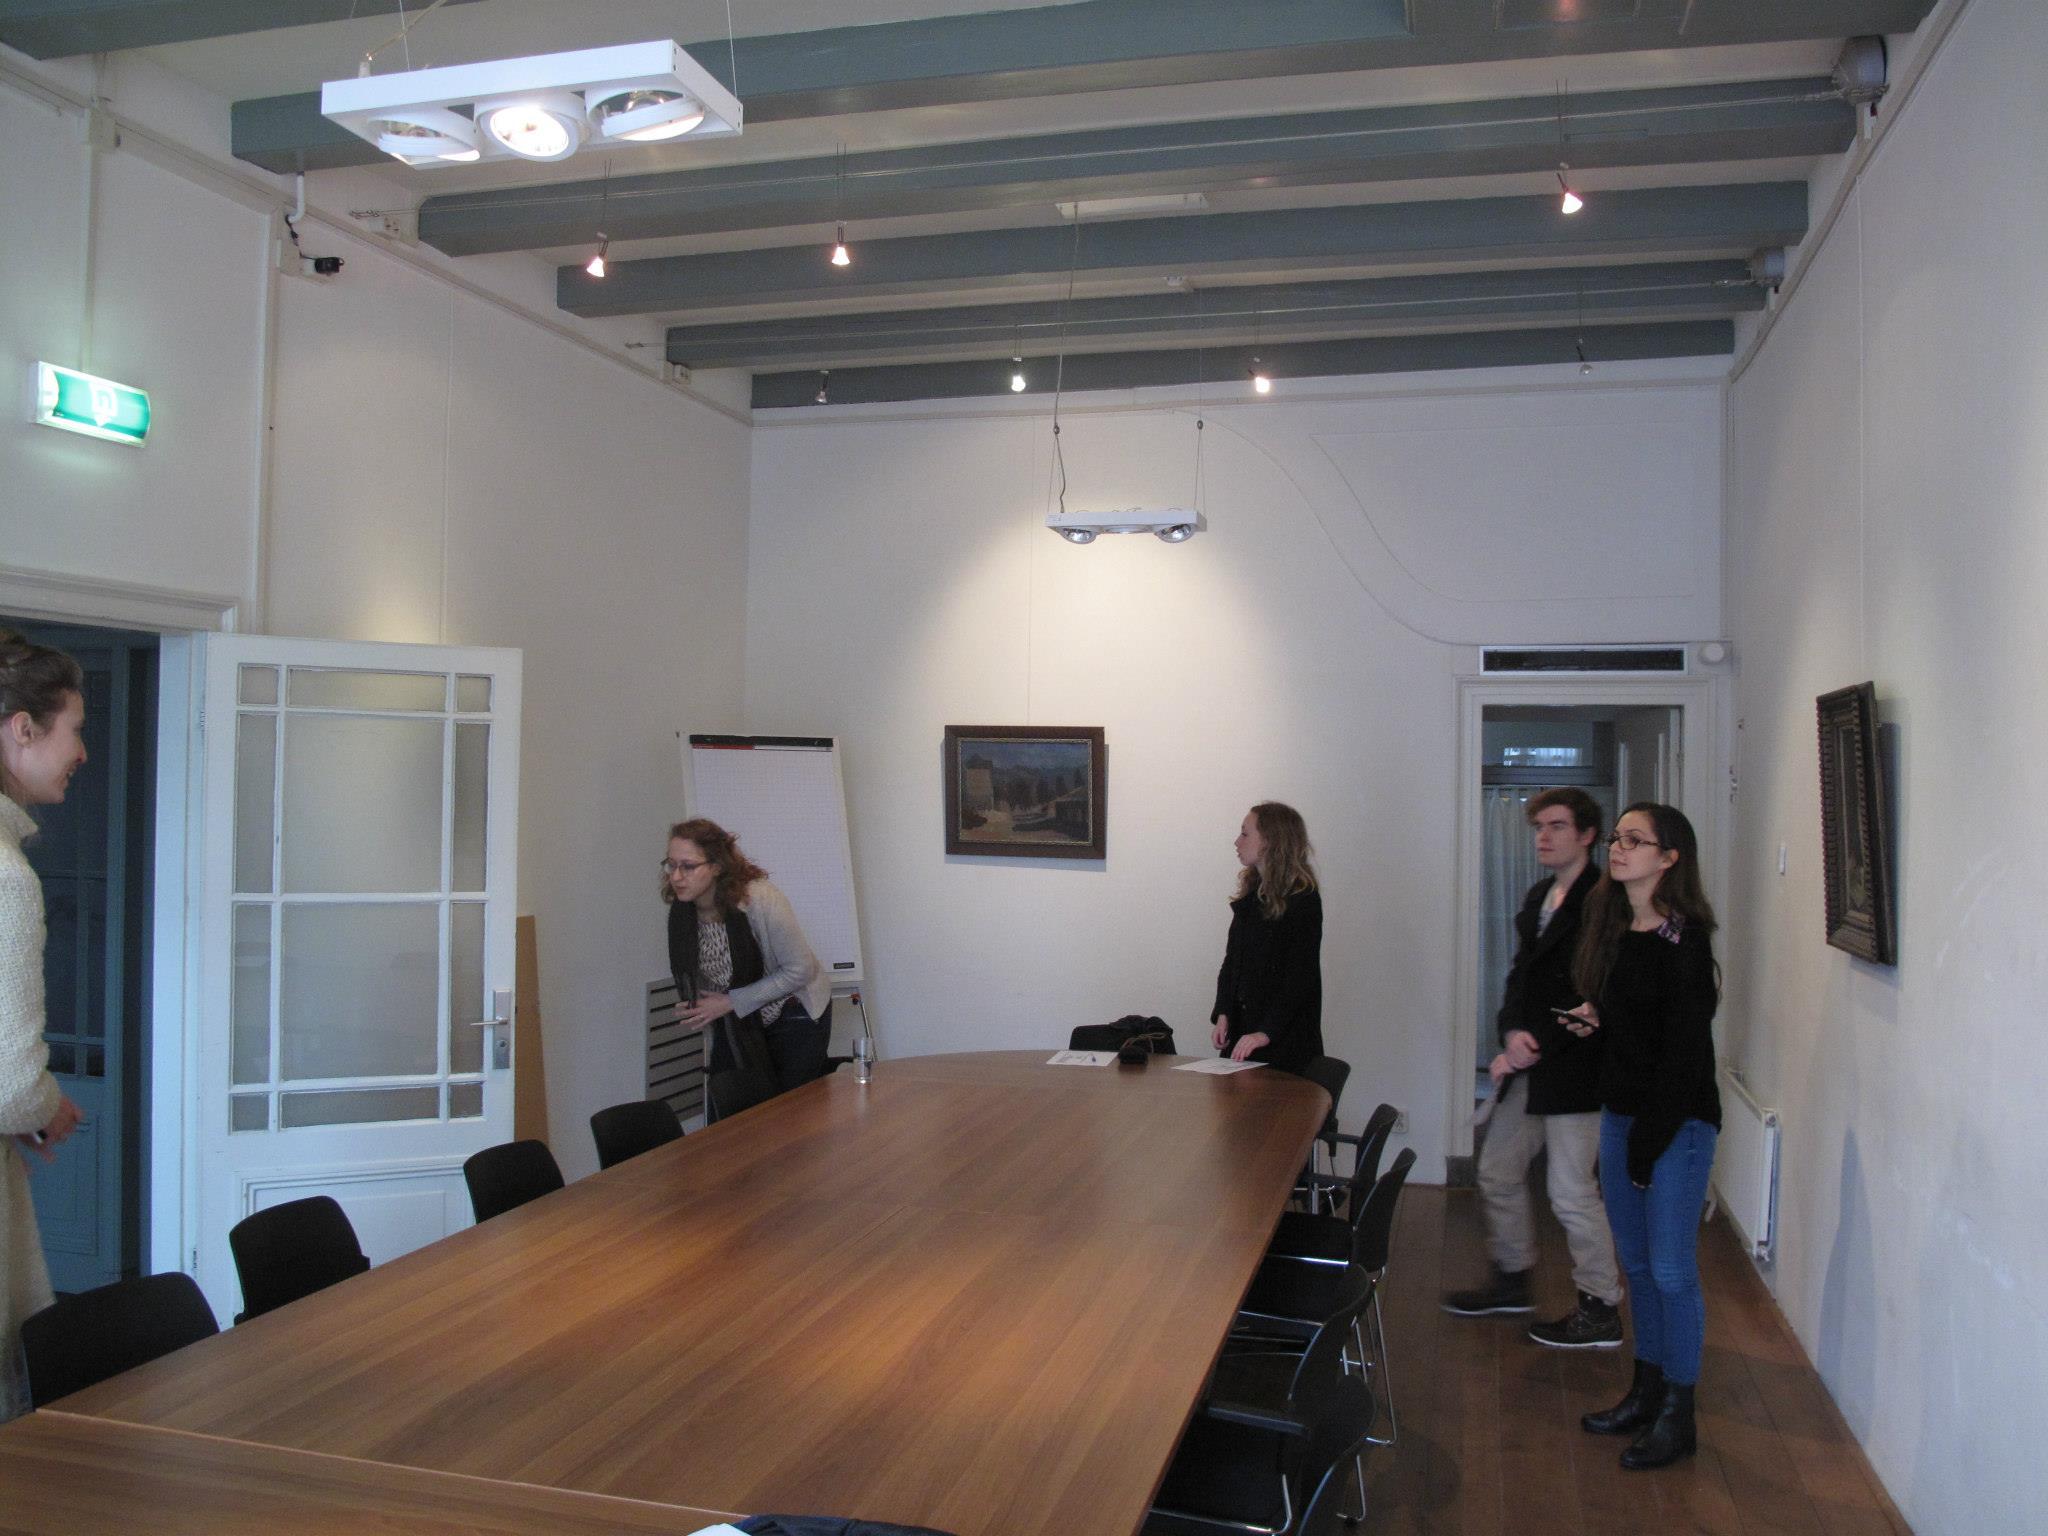 Eerste verkenning van de Arti Galerie, waar het allemaal zou gaan plaatsvinden